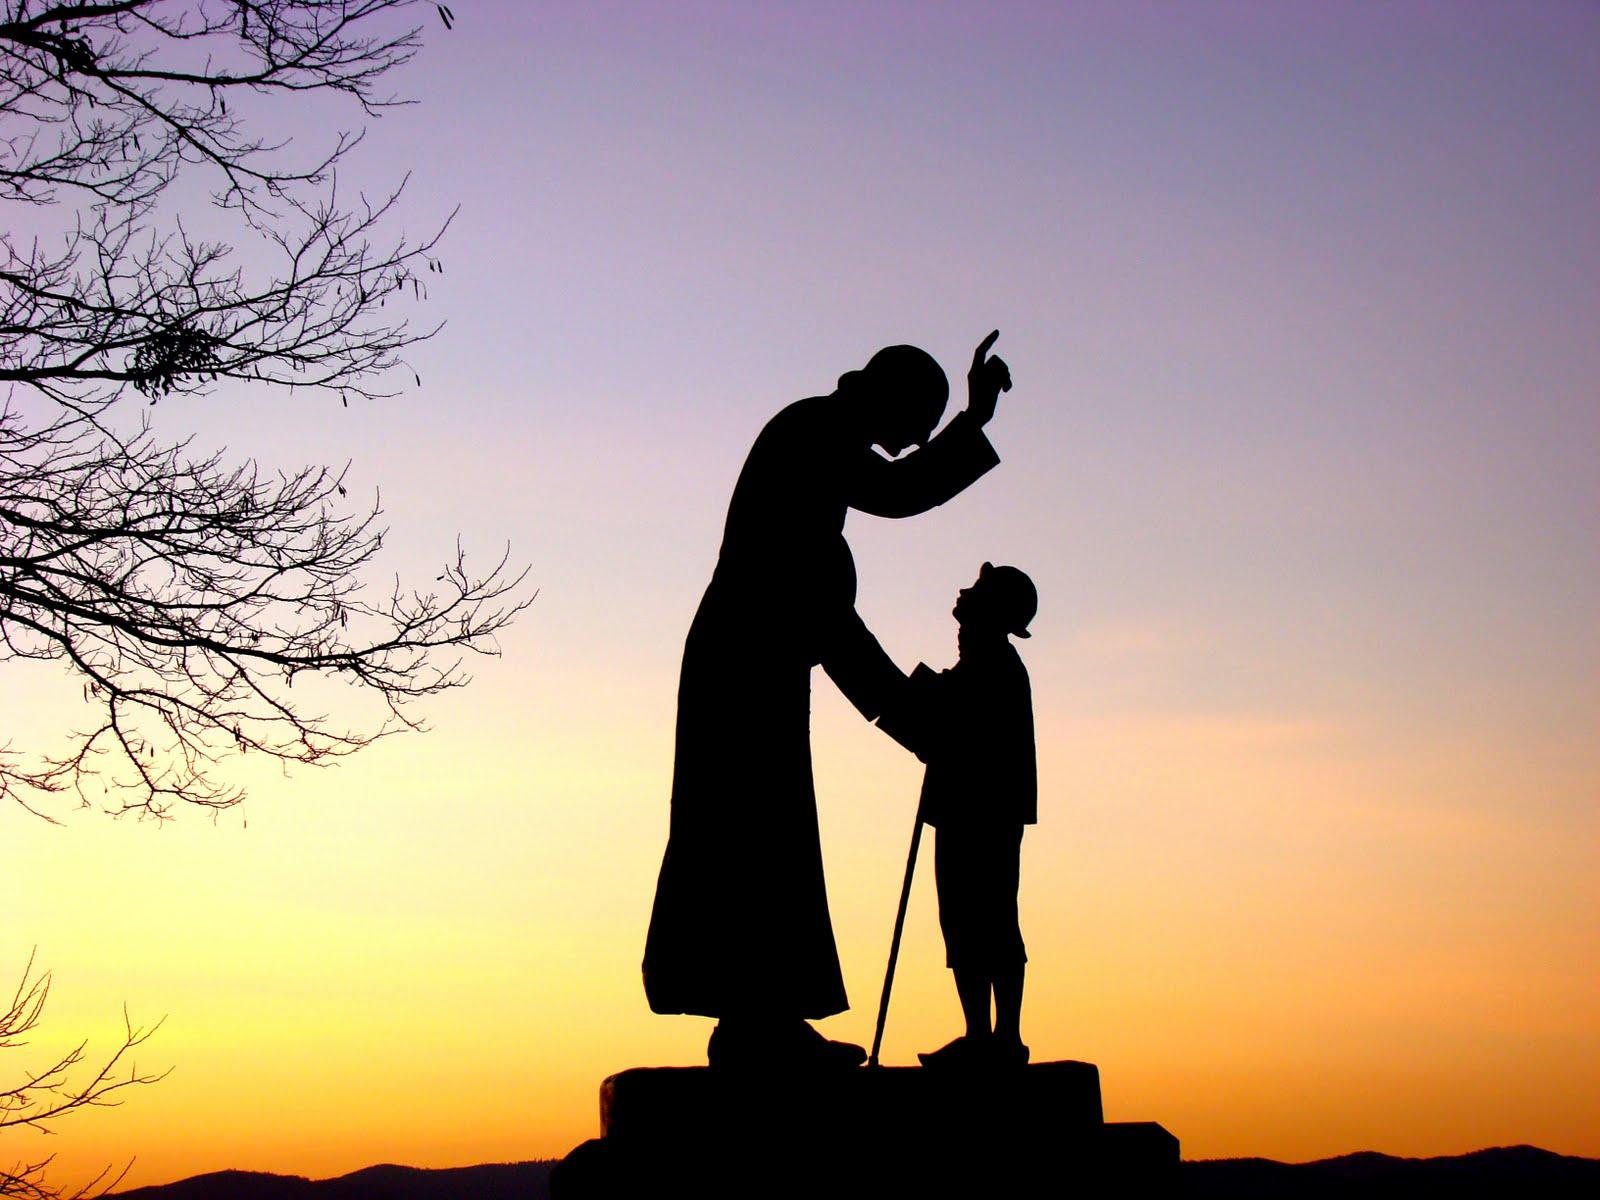 Tìm hiểu và sống Tin Mừng CN 12 Thường Niên A / Đừng sợ / Giuse Luca.